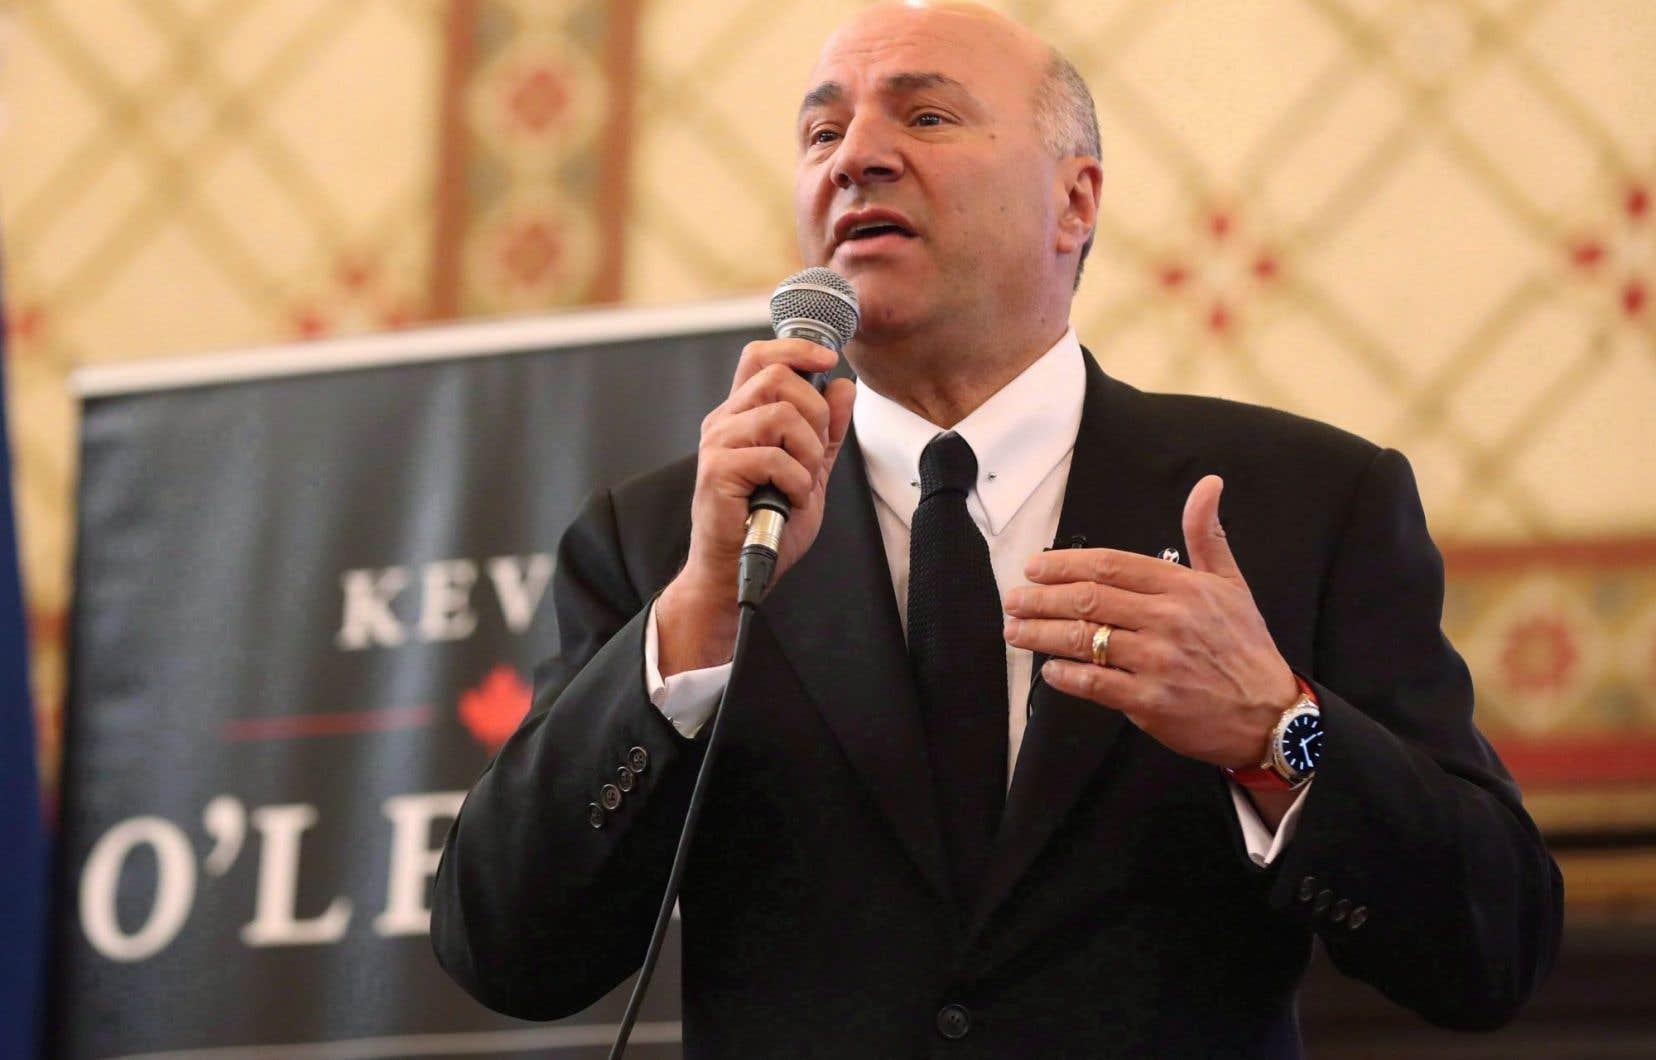 Le candidat à la chefferie du Parti conservateur du Canada Kevin O'Leary